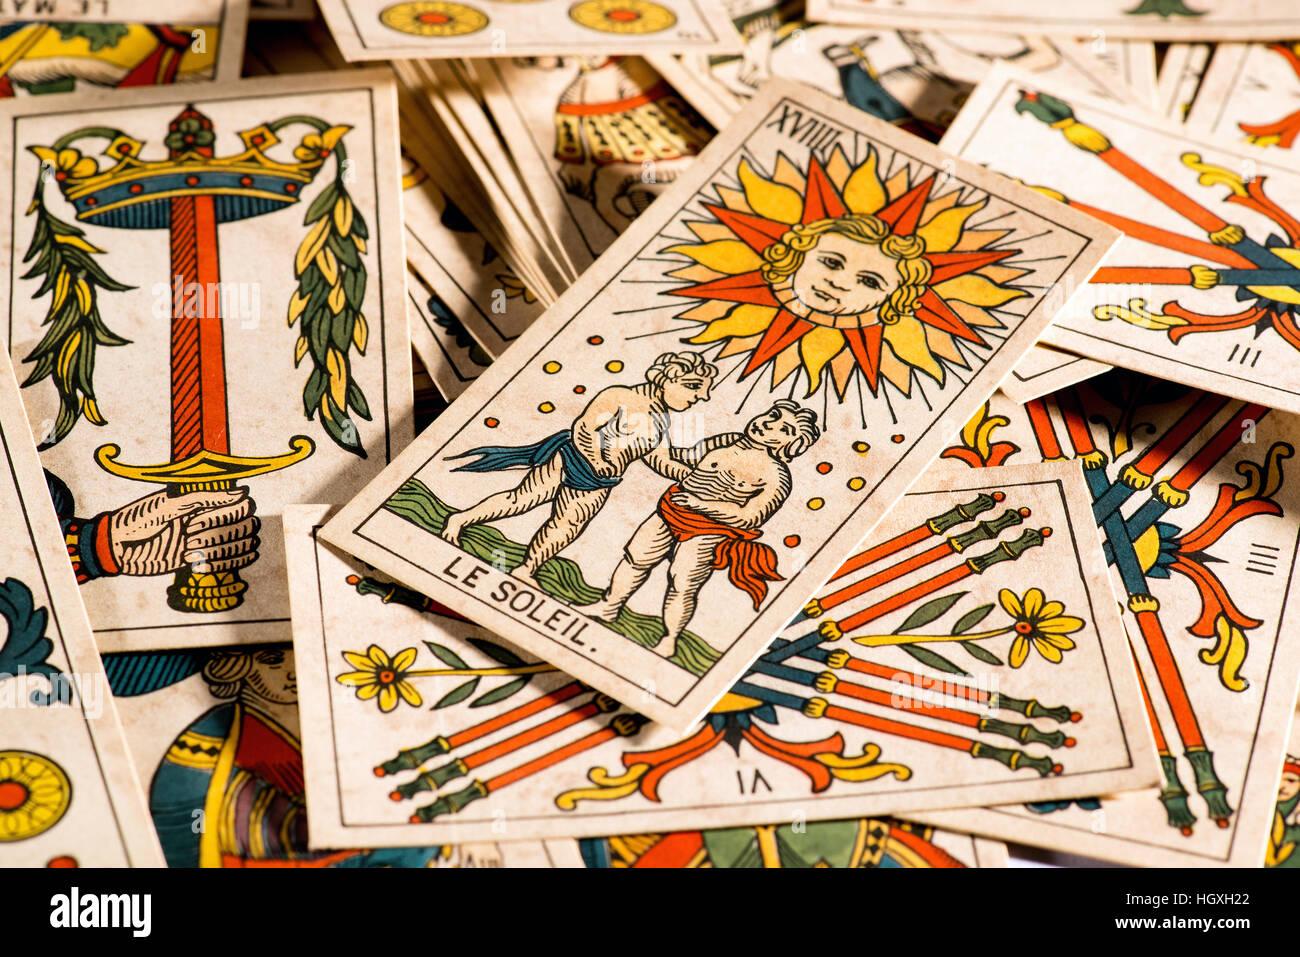 Ernte-Blick auf ungeordnete am Tisch mit einem mit der Sonne und Le Soleil Schild oben liegen viele Tarot-Karten Stockbild